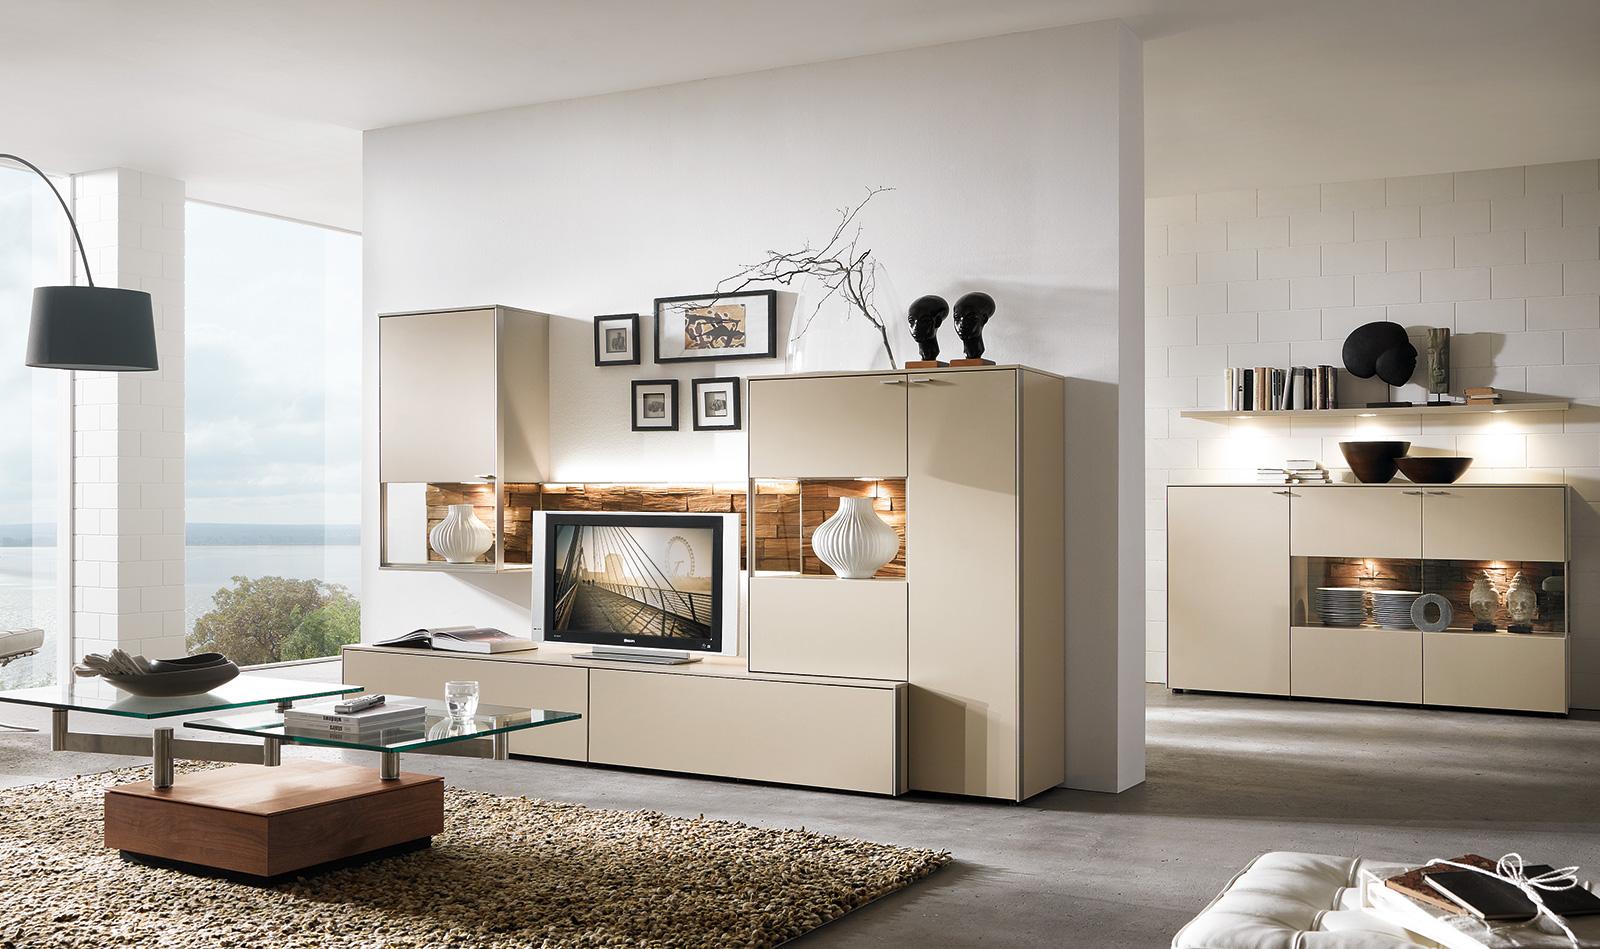 wohnzimmer programme sentino venjakob m bel. Black Bedroom Furniture Sets. Home Design Ideas